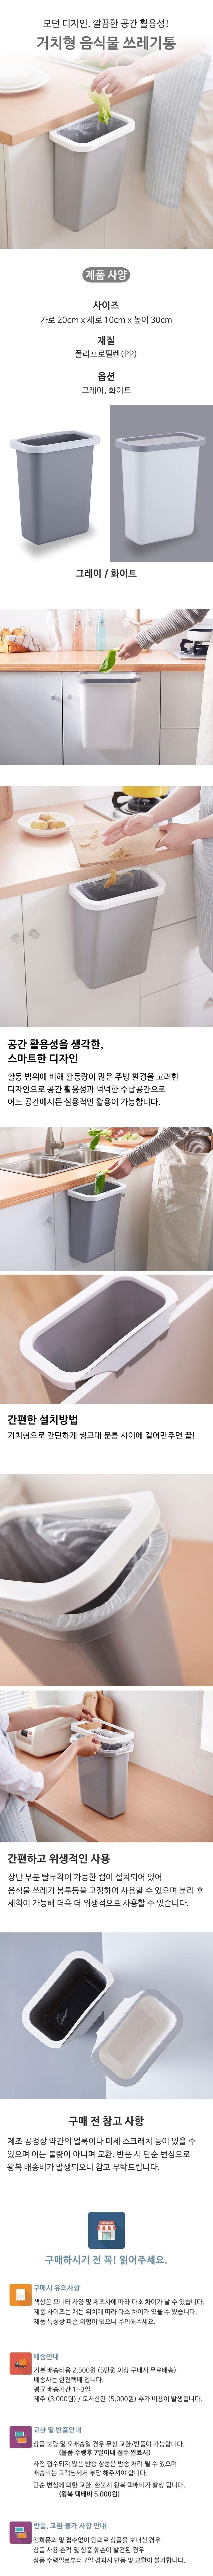 거치형 다용도 음식물 쓰레기통 - 로맨스바스켓, 6,000원, 설거지 용품, 음식물 쓰레기통